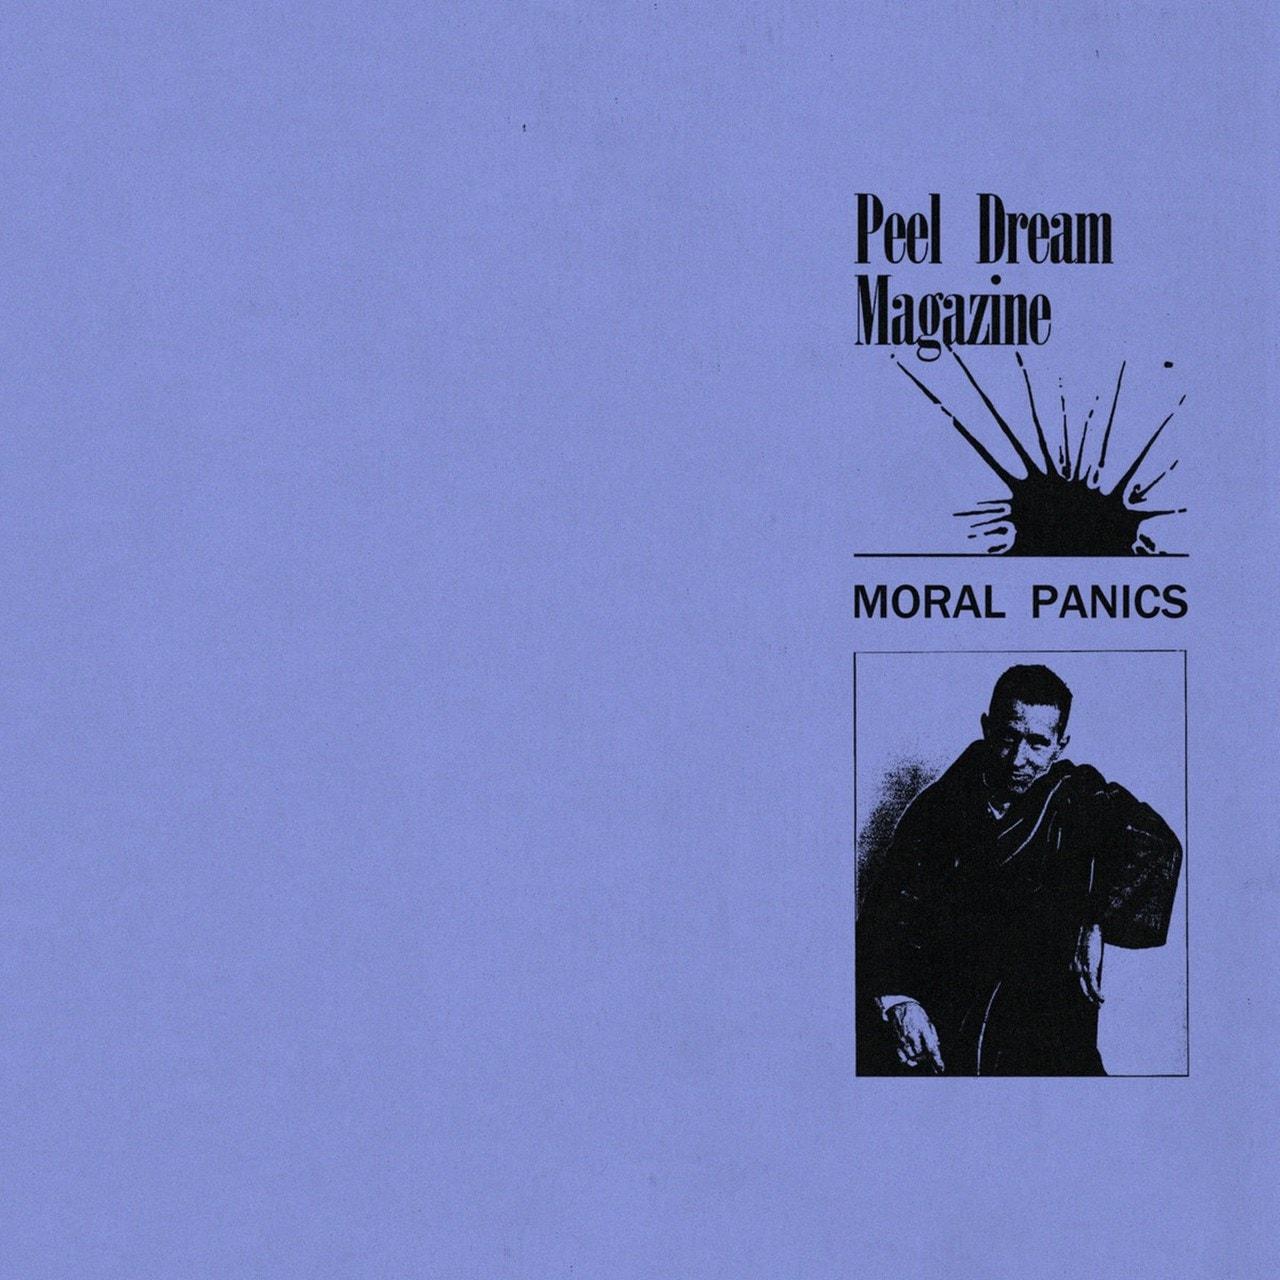 Moral Panics - 1